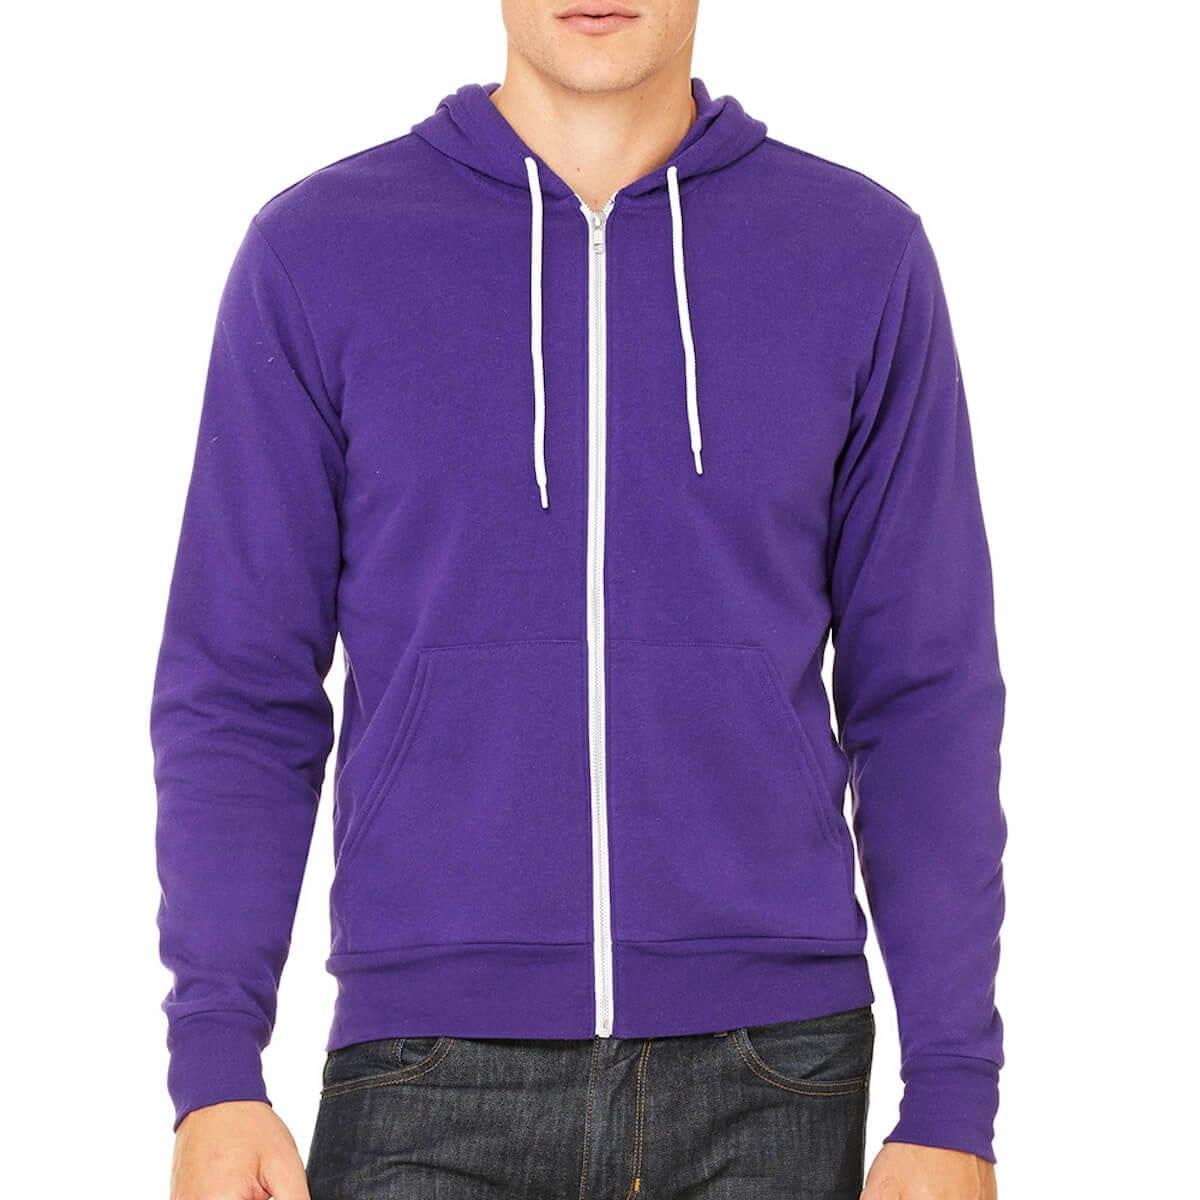 bella-zipup-hoodie